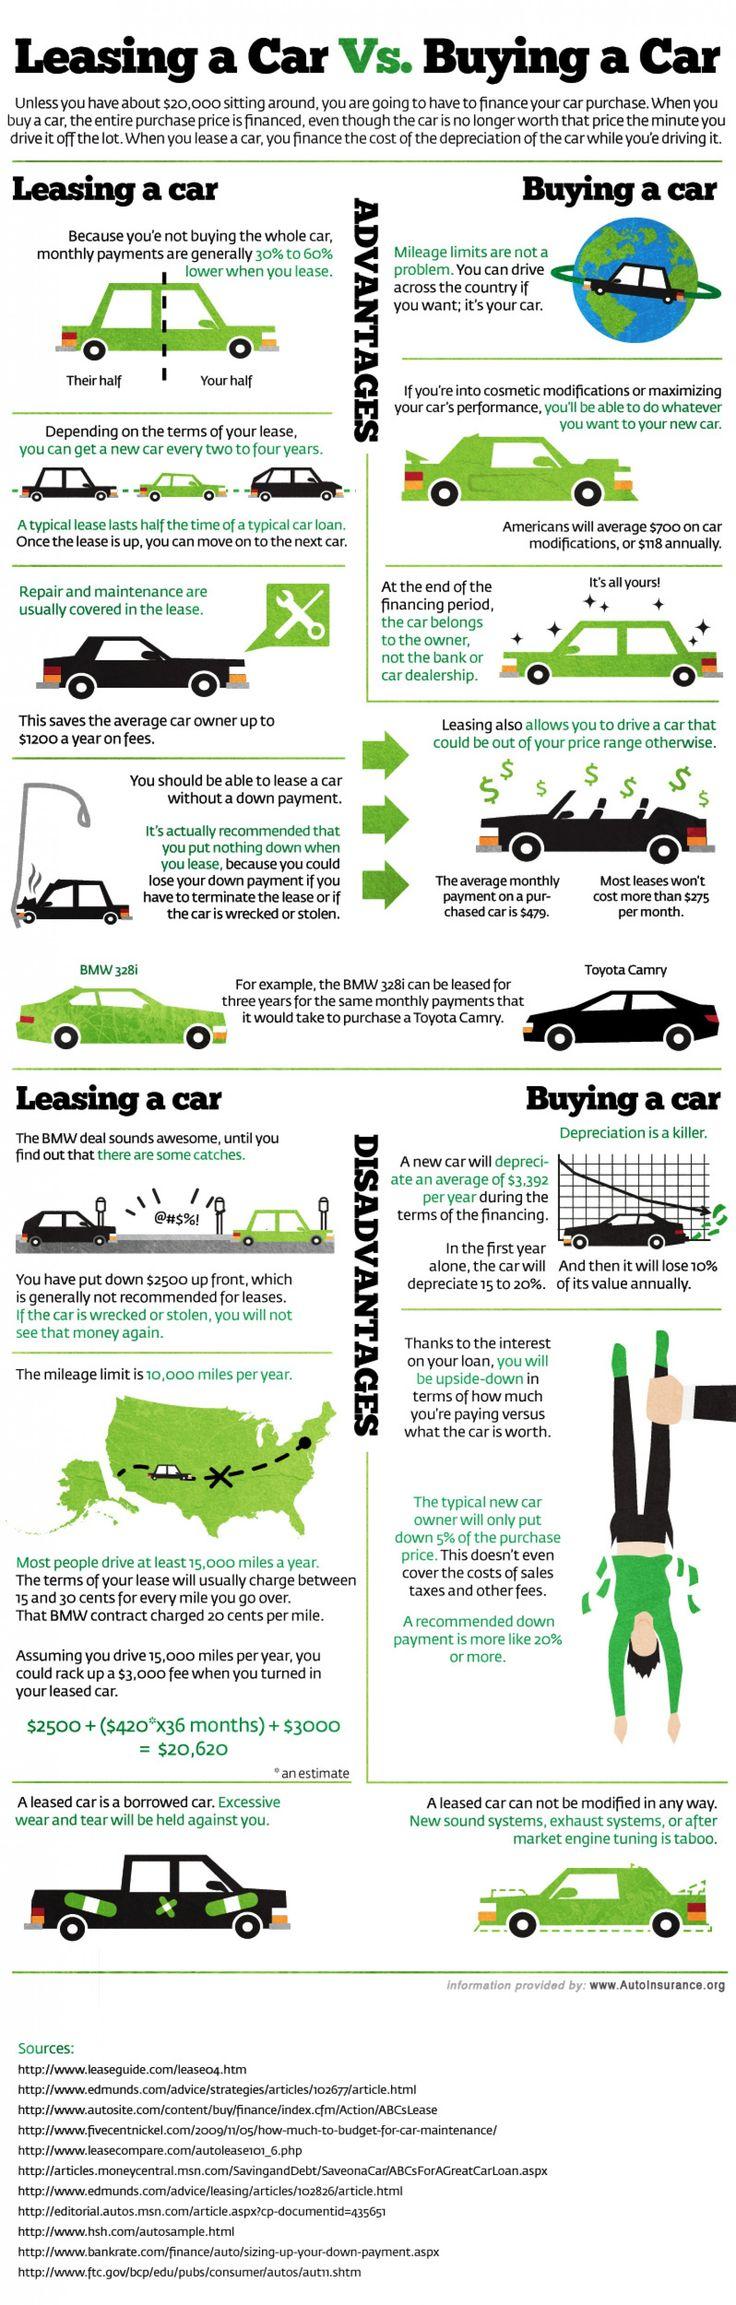 https://i2.wp.com/i.pinimg.com/736x/e4/82/af/e482af090e305f4e82dae98ca3d57577--car-leasing-amazing-cars.jpg?ssl=1